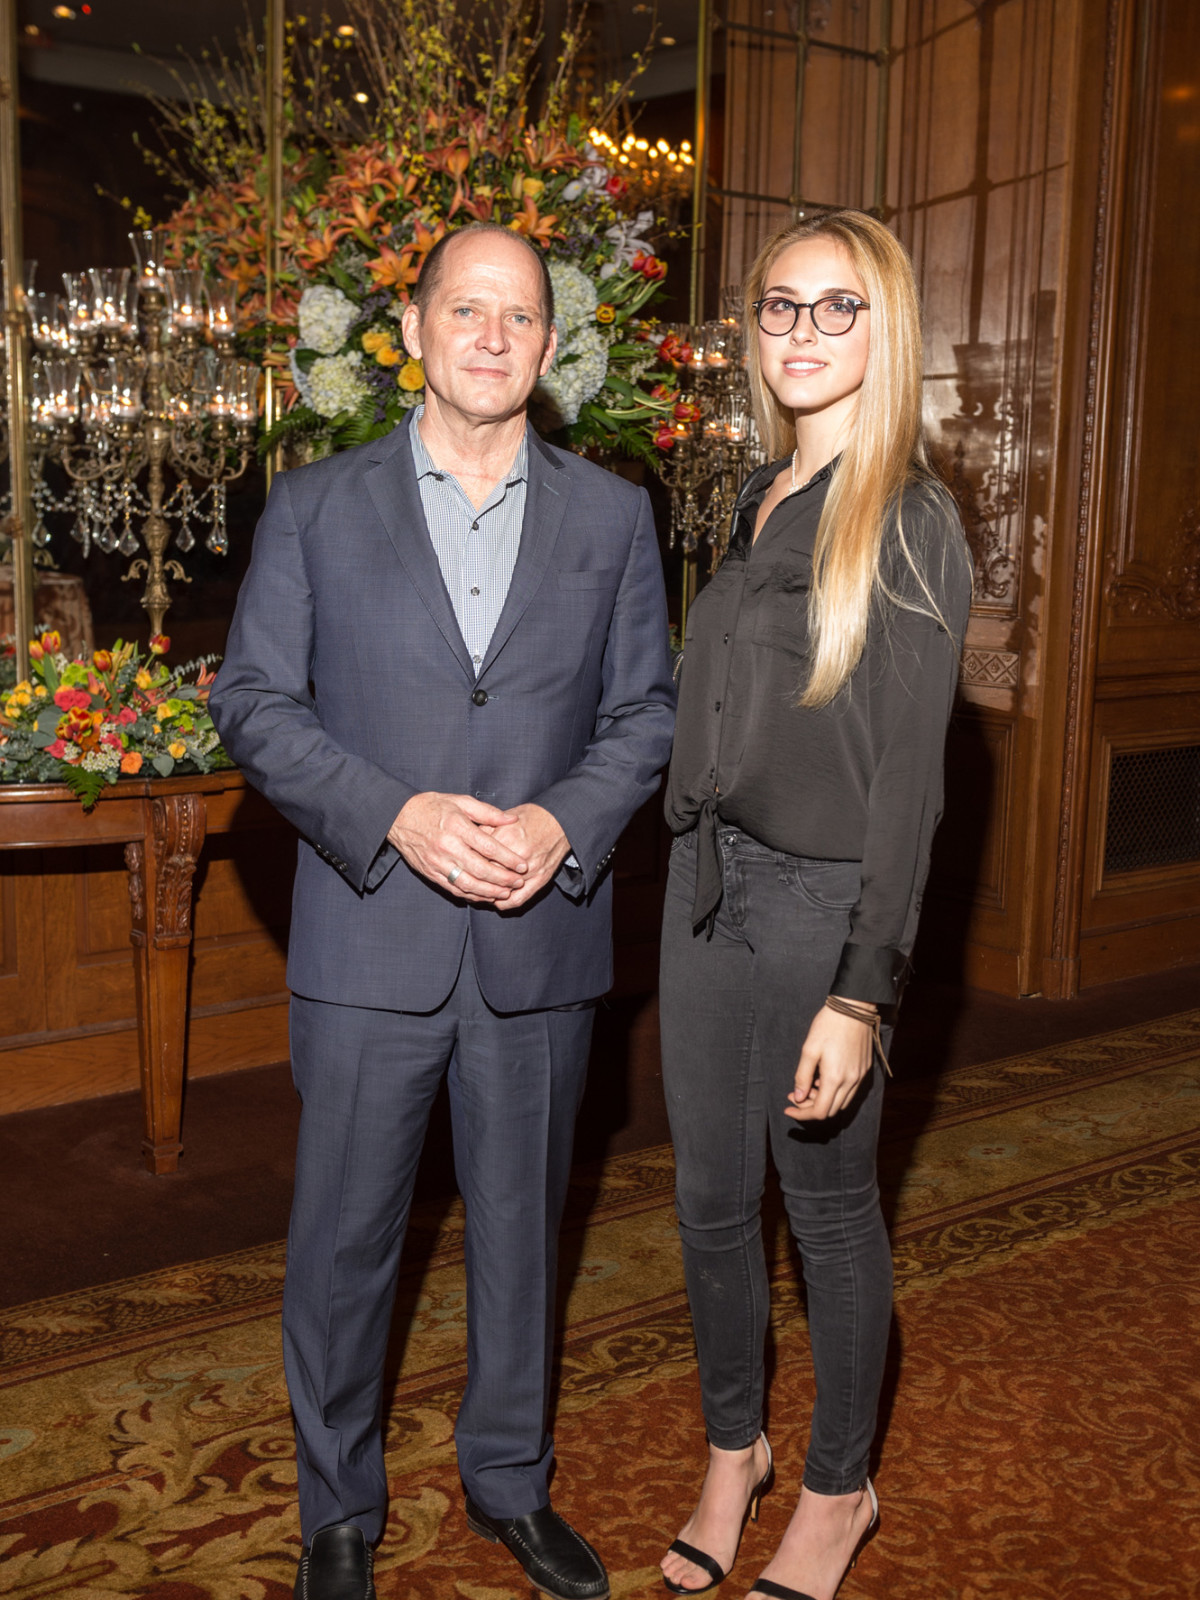 Kevin Batchelor and Francesca Batchelor